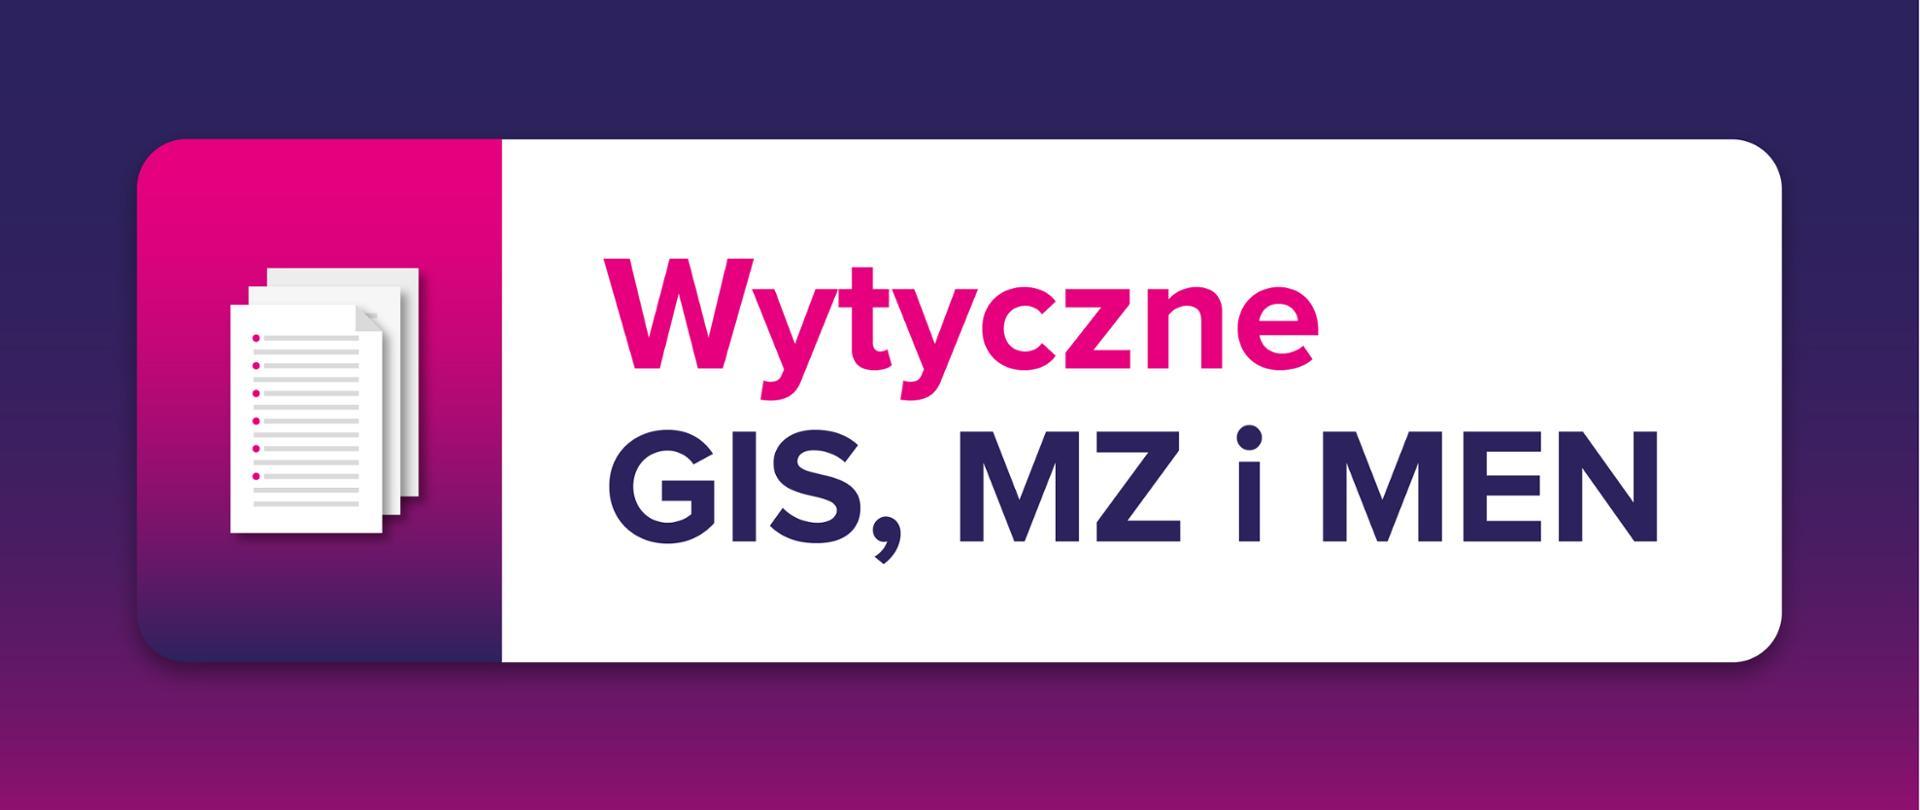 """Różowo-granatowe tło, po lewo ikona dokumentów, a po prawo tekst na białym prostokącie: """"Wytyczne GIS. MZ i MEN""""."""